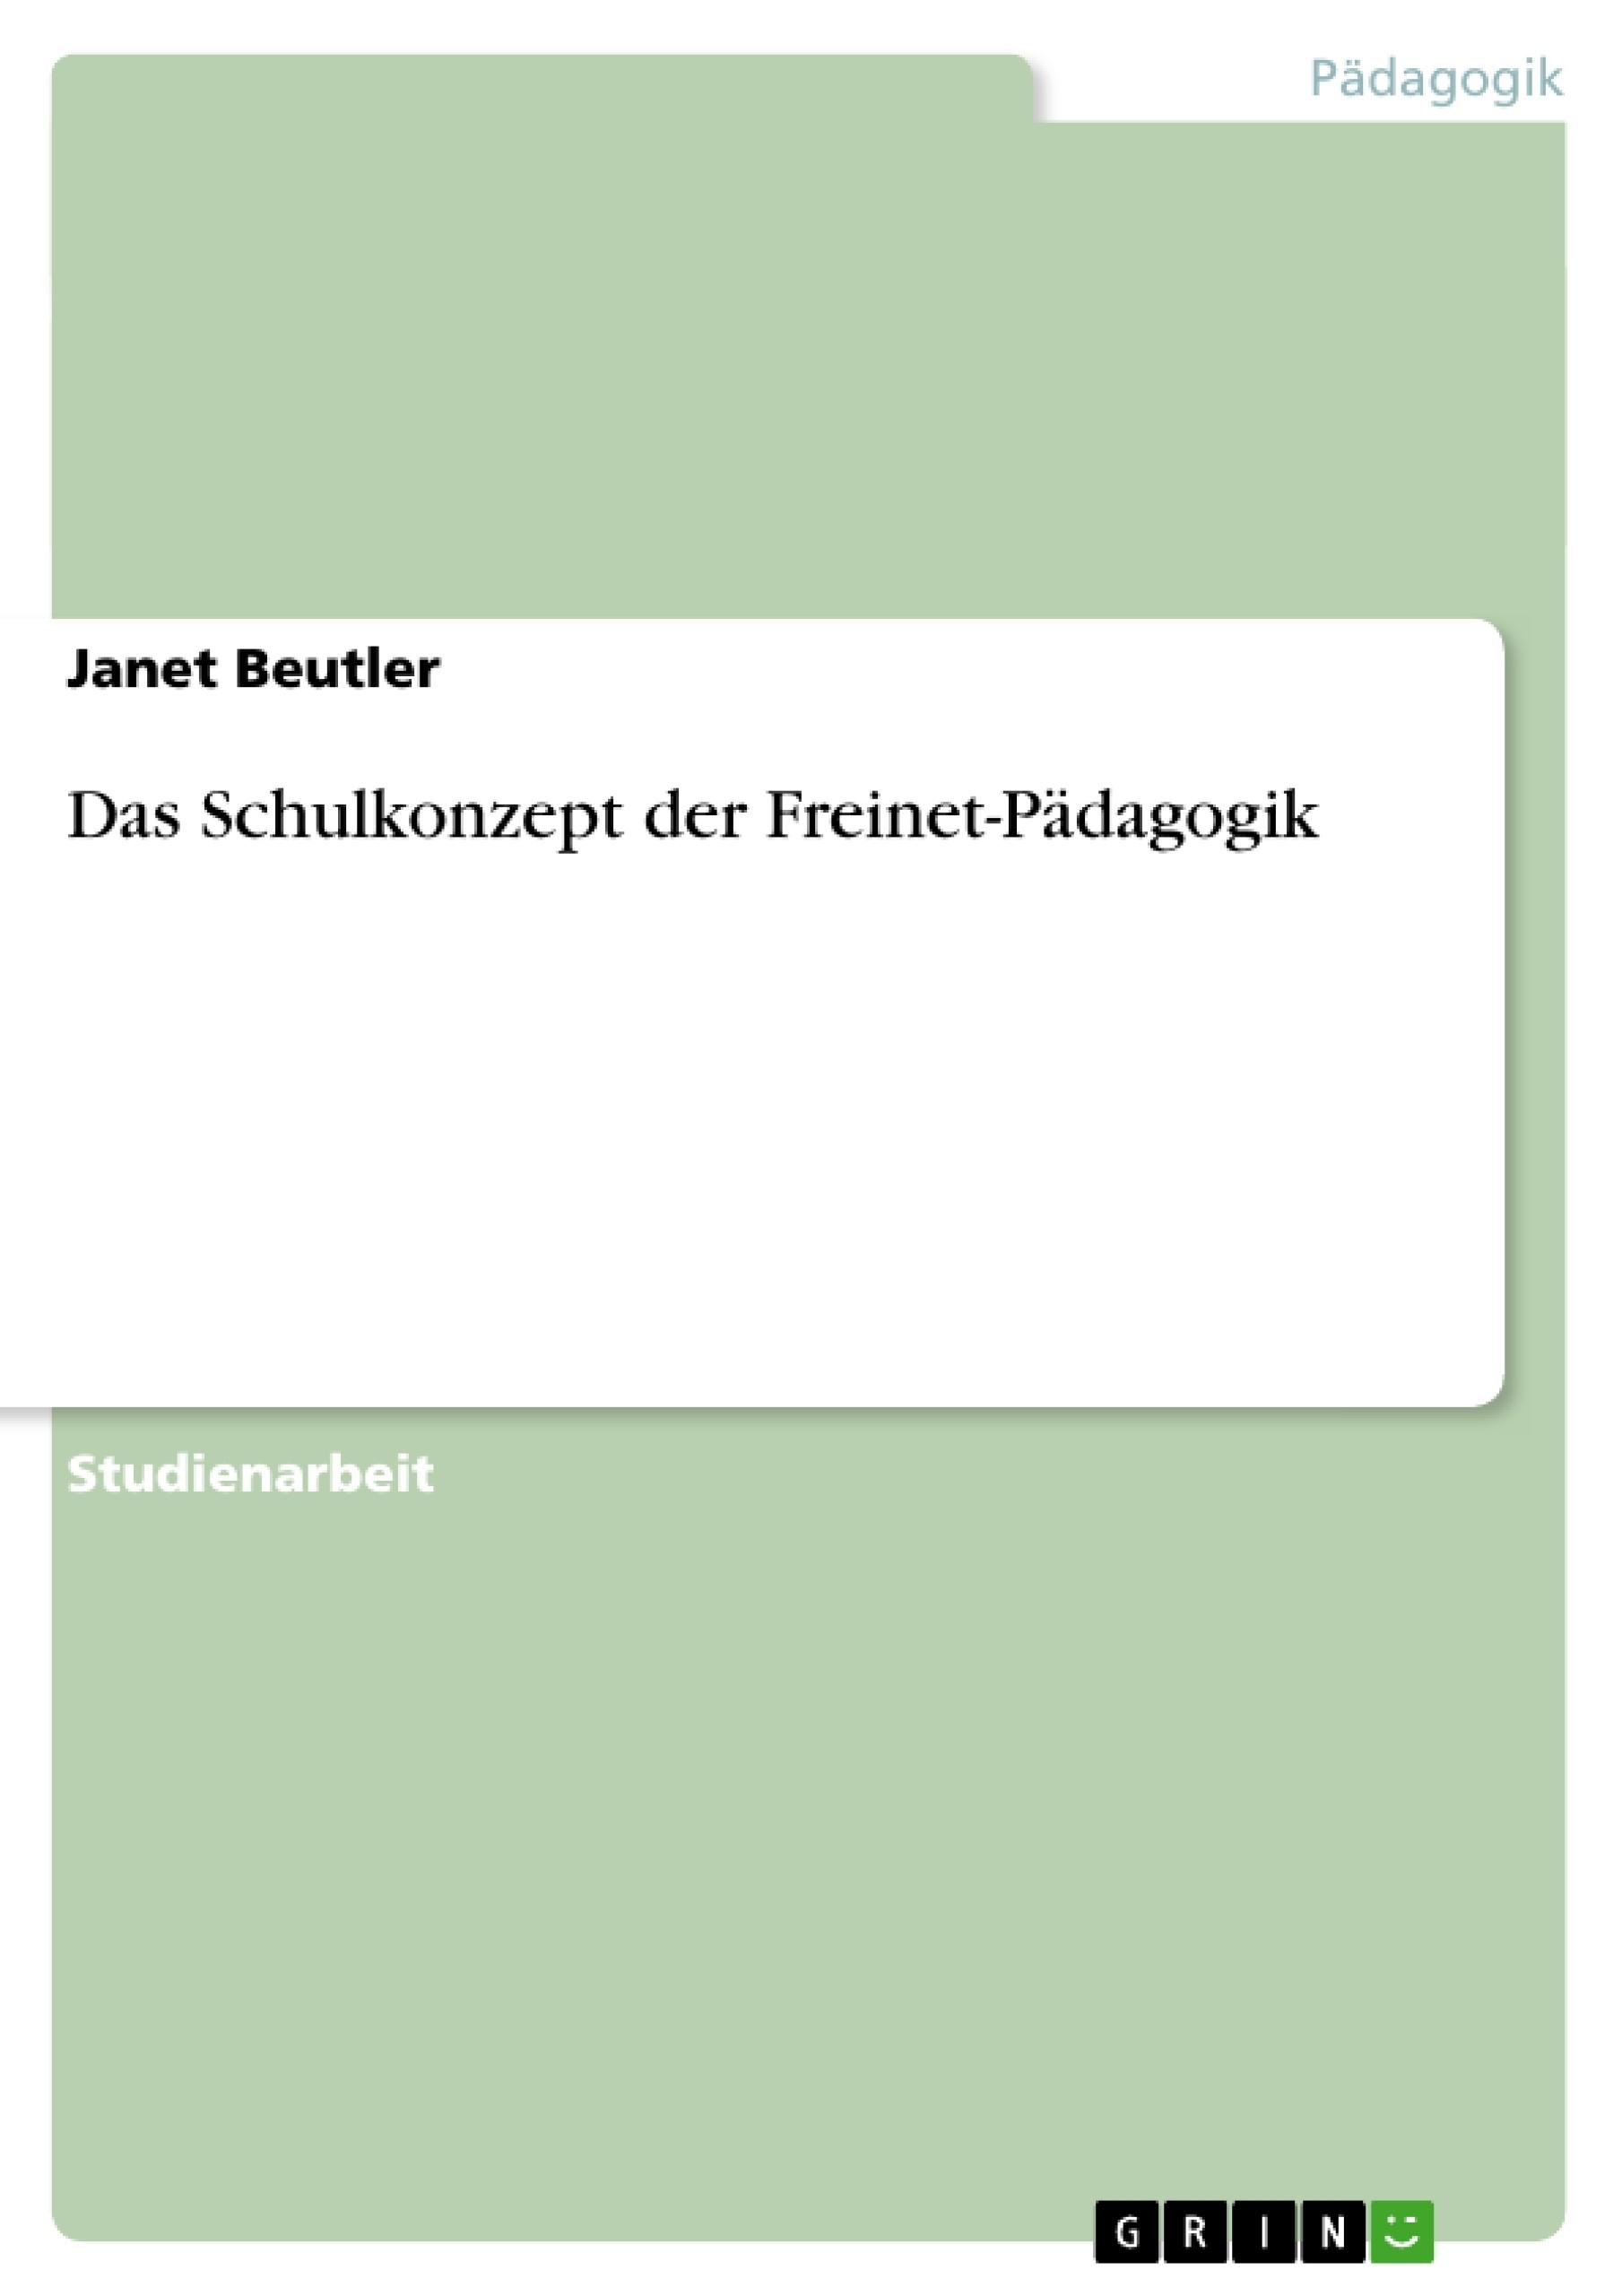 Titel: Das Schulkonzept der Freinet-Pädagogik